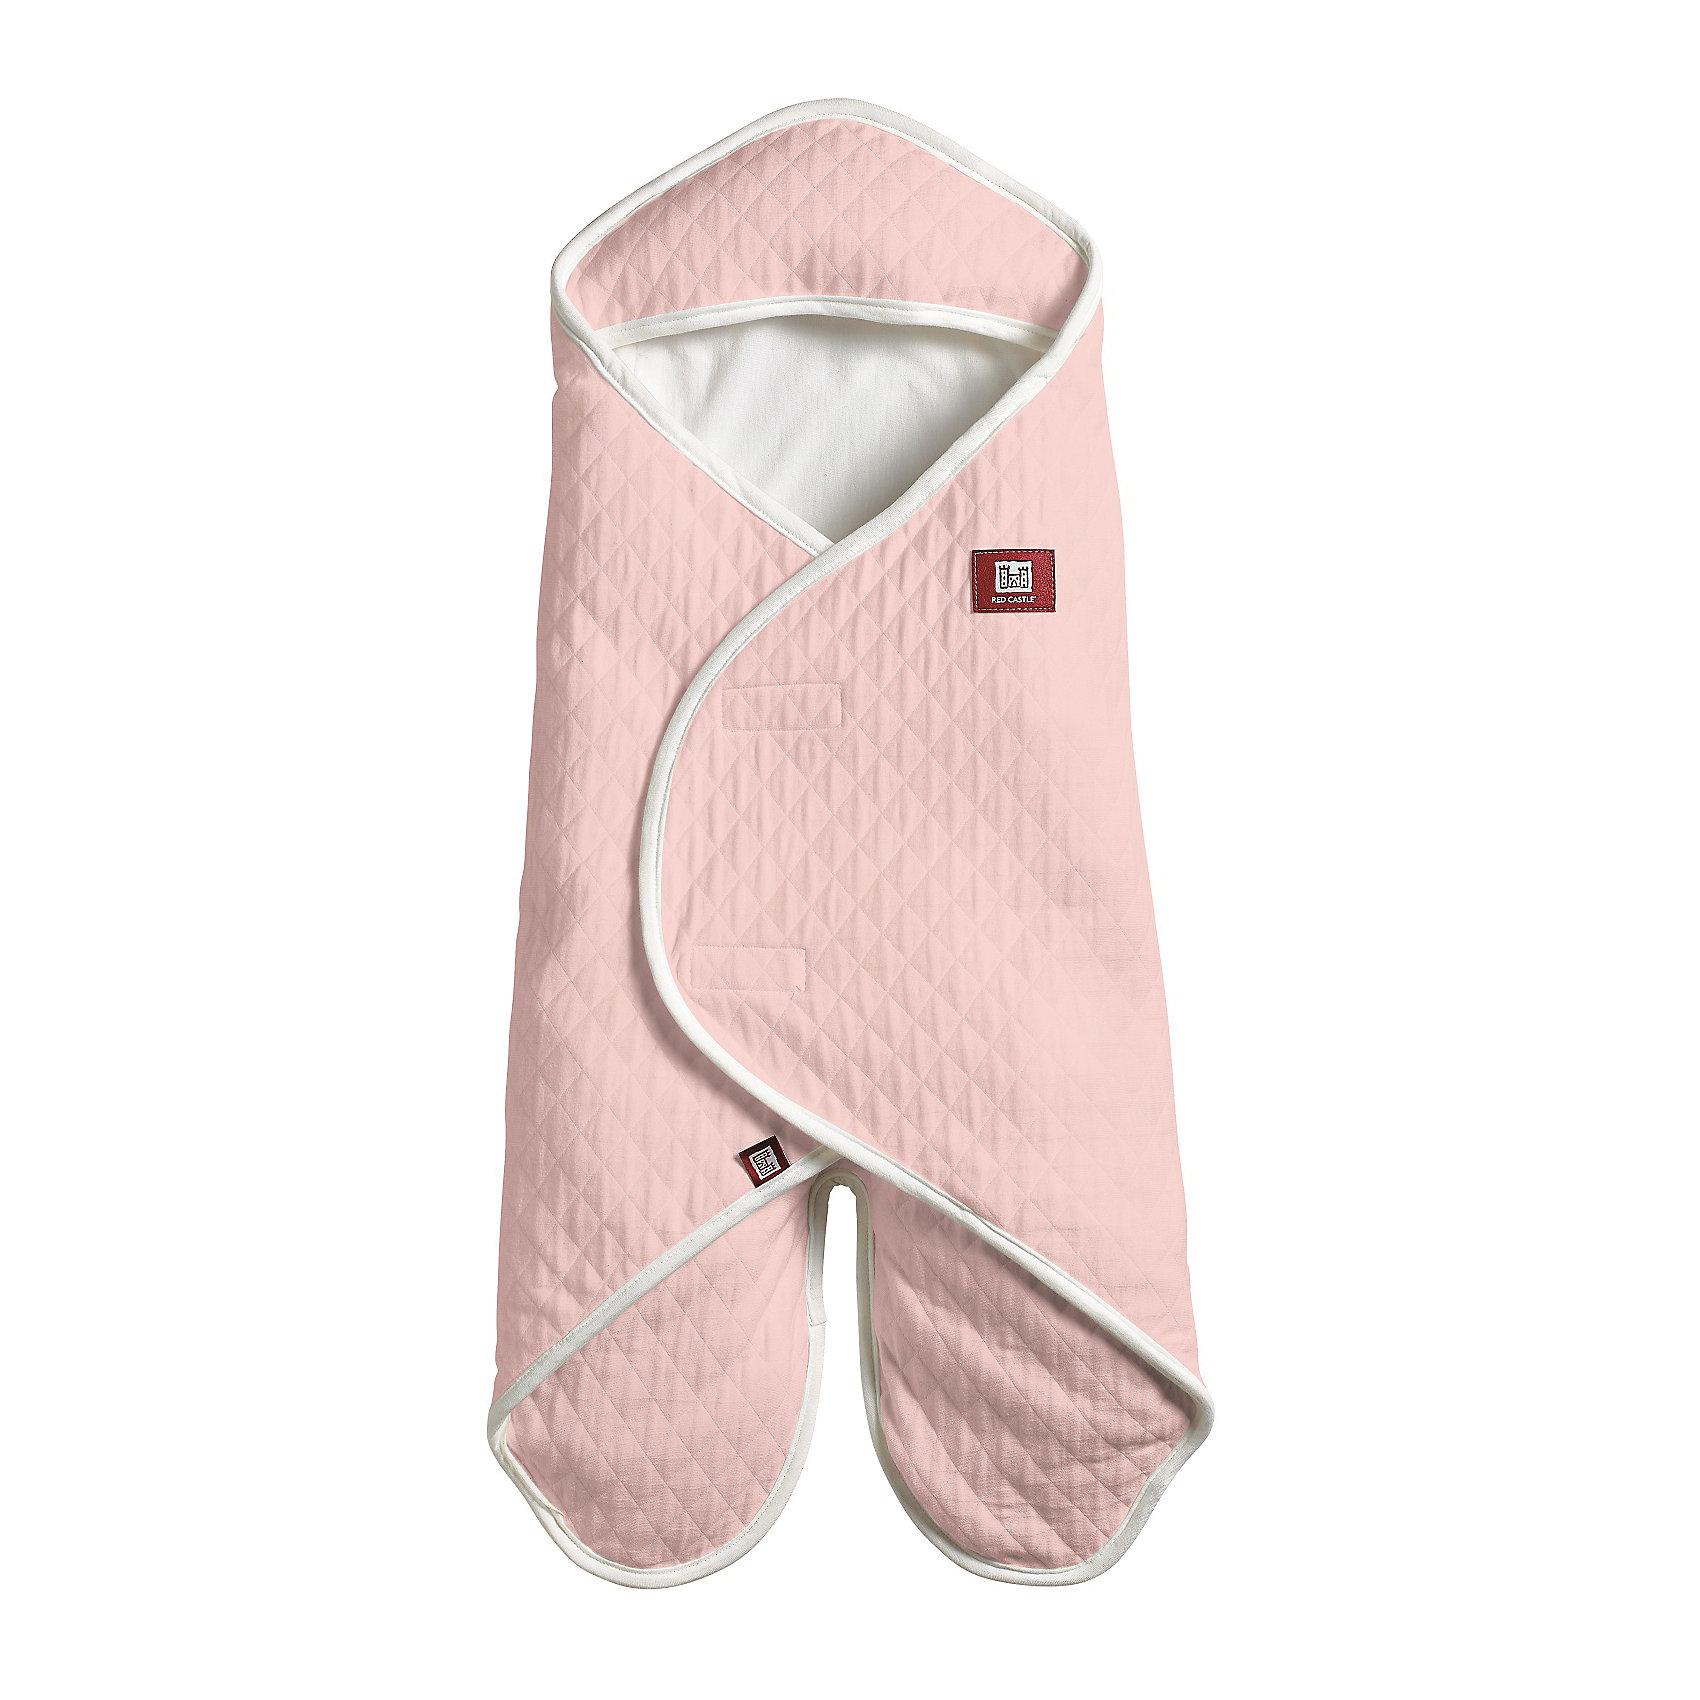 Конверт из хлопка, BBNOMADE FDC LEGER, 0-6 мес., Rose Pouder, Red CastleПеленание<br>Babynomade® - эргономичное одеяло, позволяющее быстро и без особого труда укутать малыша во время прогулок. Мультифункциональное, практичное, вы можете использовать его, начиная с выписки из роддома.<br><br>Нежная качественная ткань.<br>Капюшон, защищающий головку малыша.<br>Два отверстия на спине, зарывающиеся с помощью молний, позволяют перевозить малыша в автокресле с 3 и 5-точечными ремнями безопасности.<br><br>Пояс с липучкой для фиксации одеяла.<br><br>Отвороты позволяют полностью раскрыть малыша.<br>Специальные выемки для ножек, позволят малышу быть в тепле и не раскрываться.<br>Выбор различного материала: см. Характеристики. Детское одеяло с ножками, без рукавов, удобное и простое в использовании.<br>Форма, повторяющая изгиб плеч для более удобного использования с 3-точечными ремнями безопасности.<br>Удобный просторный капюшон.<br>Застежка на липучке позволяет не беспокоя укутать малыша.<br>Высококачественный легкий хлопок Fleur de Coton®. Использование :<br><br>На улице : В автокресле, в люльке, в переноске или на руках.<br><br>Уход :<br><br>Машинная стирка 30°<br><br>Ширина мм: 660<br>Глубина мм: 320<br>Высота мм: 10<br>Вес г: 730<br>Возраст от месяцев: 0<br>Возраст до месяцев: 6<br>Пол: Женский<br>Возраст: Детский<br>SKU: 5543598